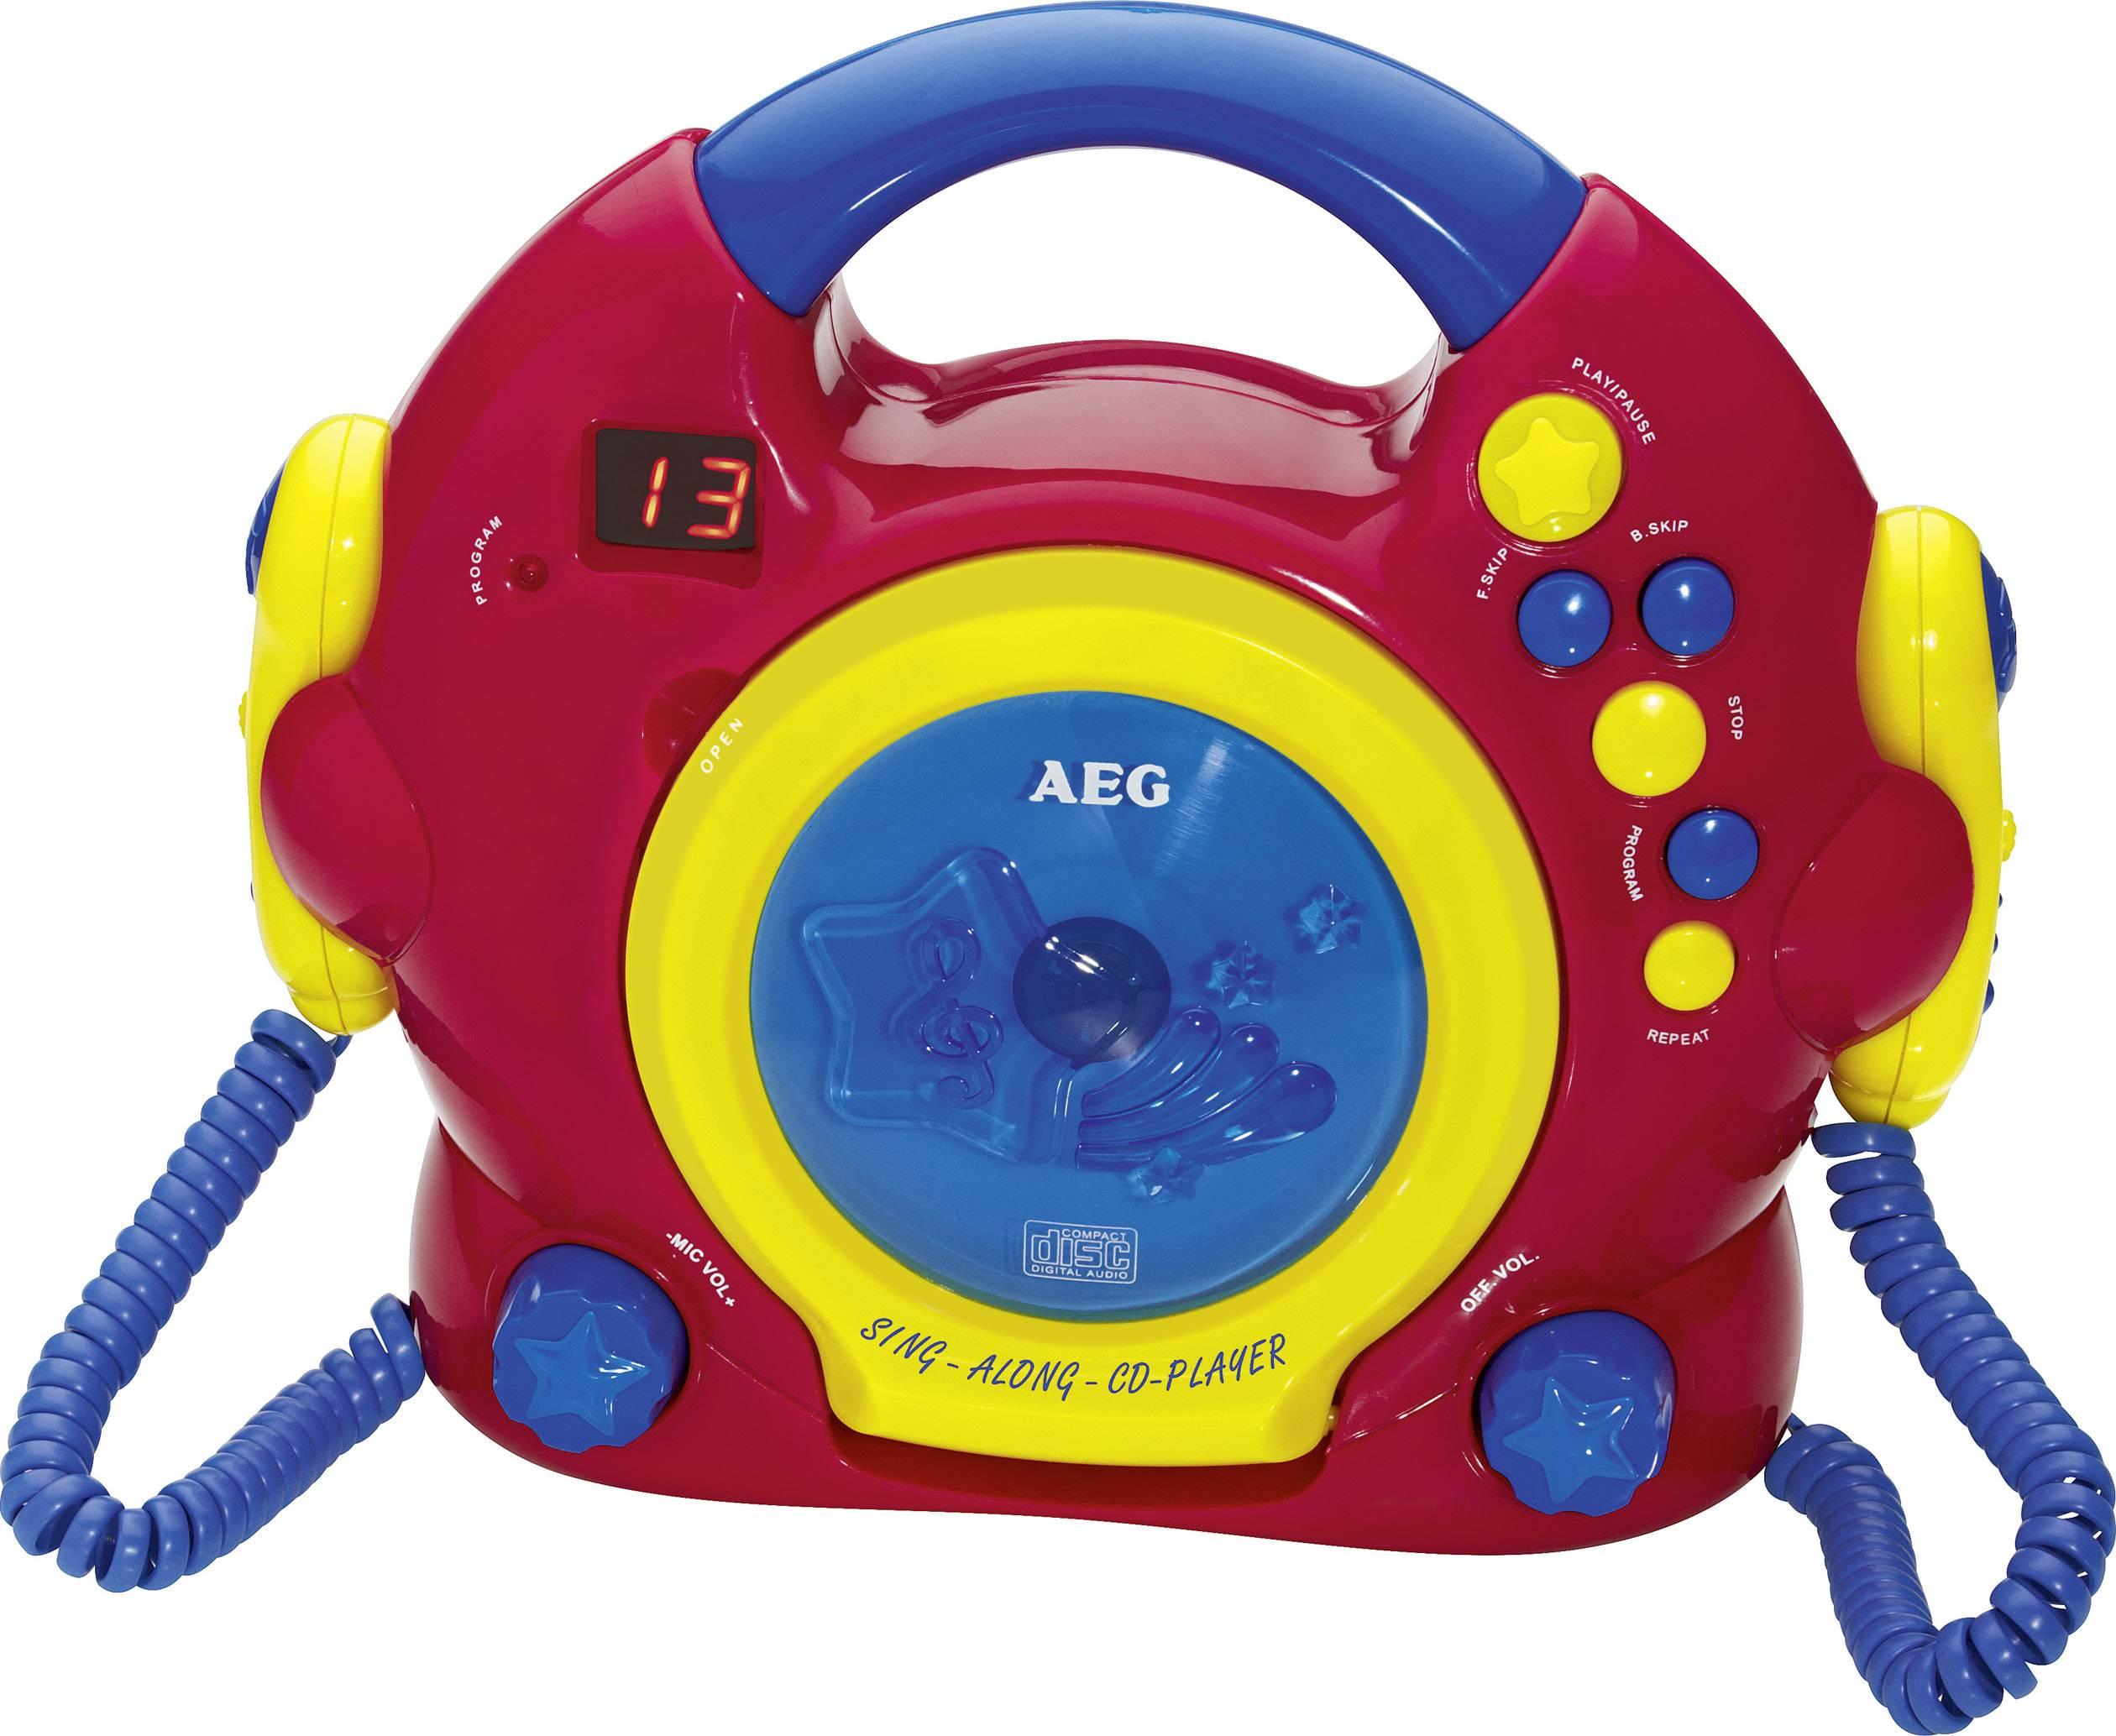 Dětský CD přehrávač AEG CDK 4229 Kids Line CD vč. karaoke, včetně mikrofonu, červená, barevná